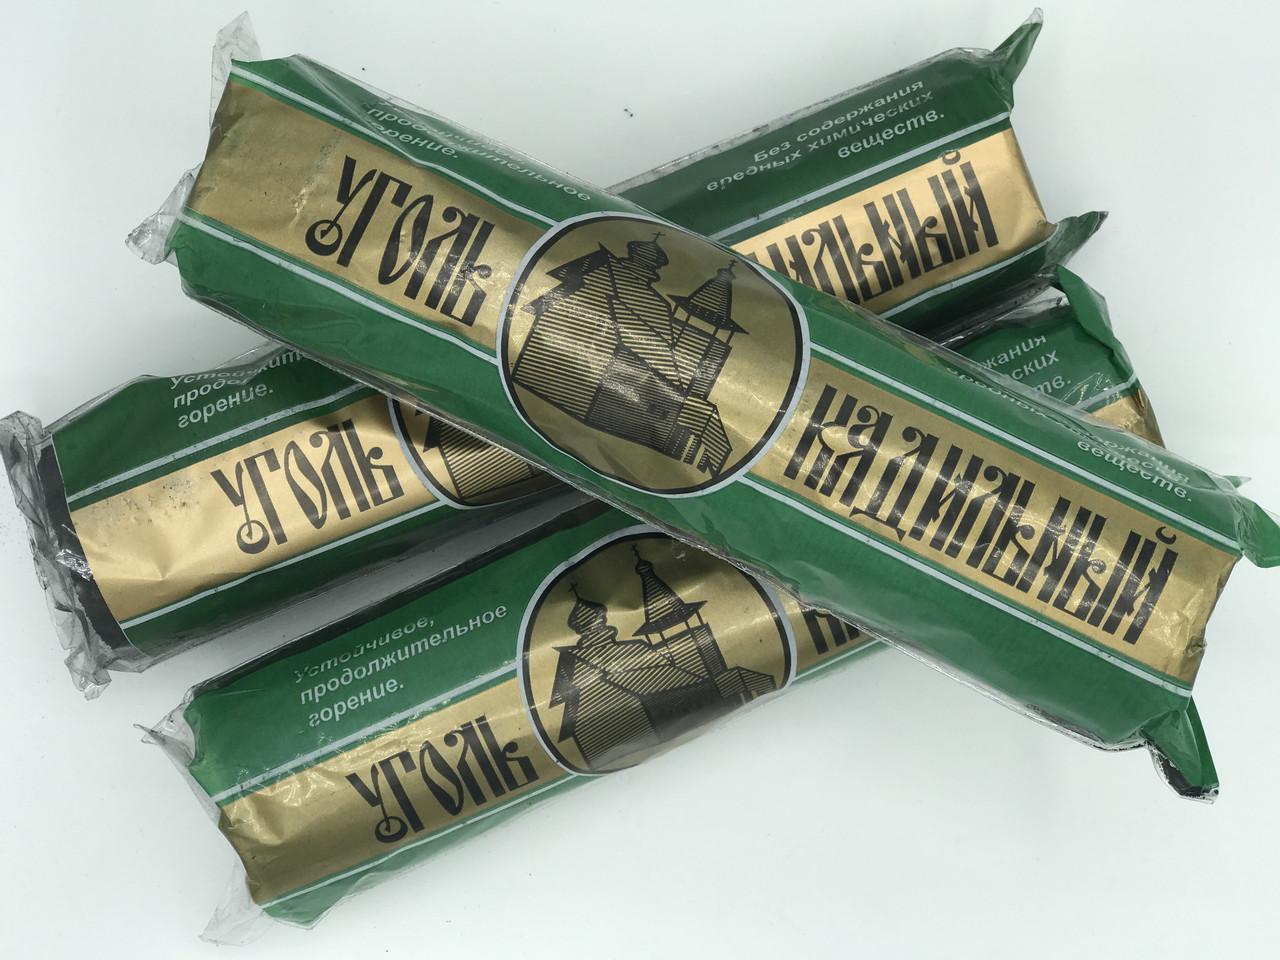 Уголь кадильный зелёный 50 мм